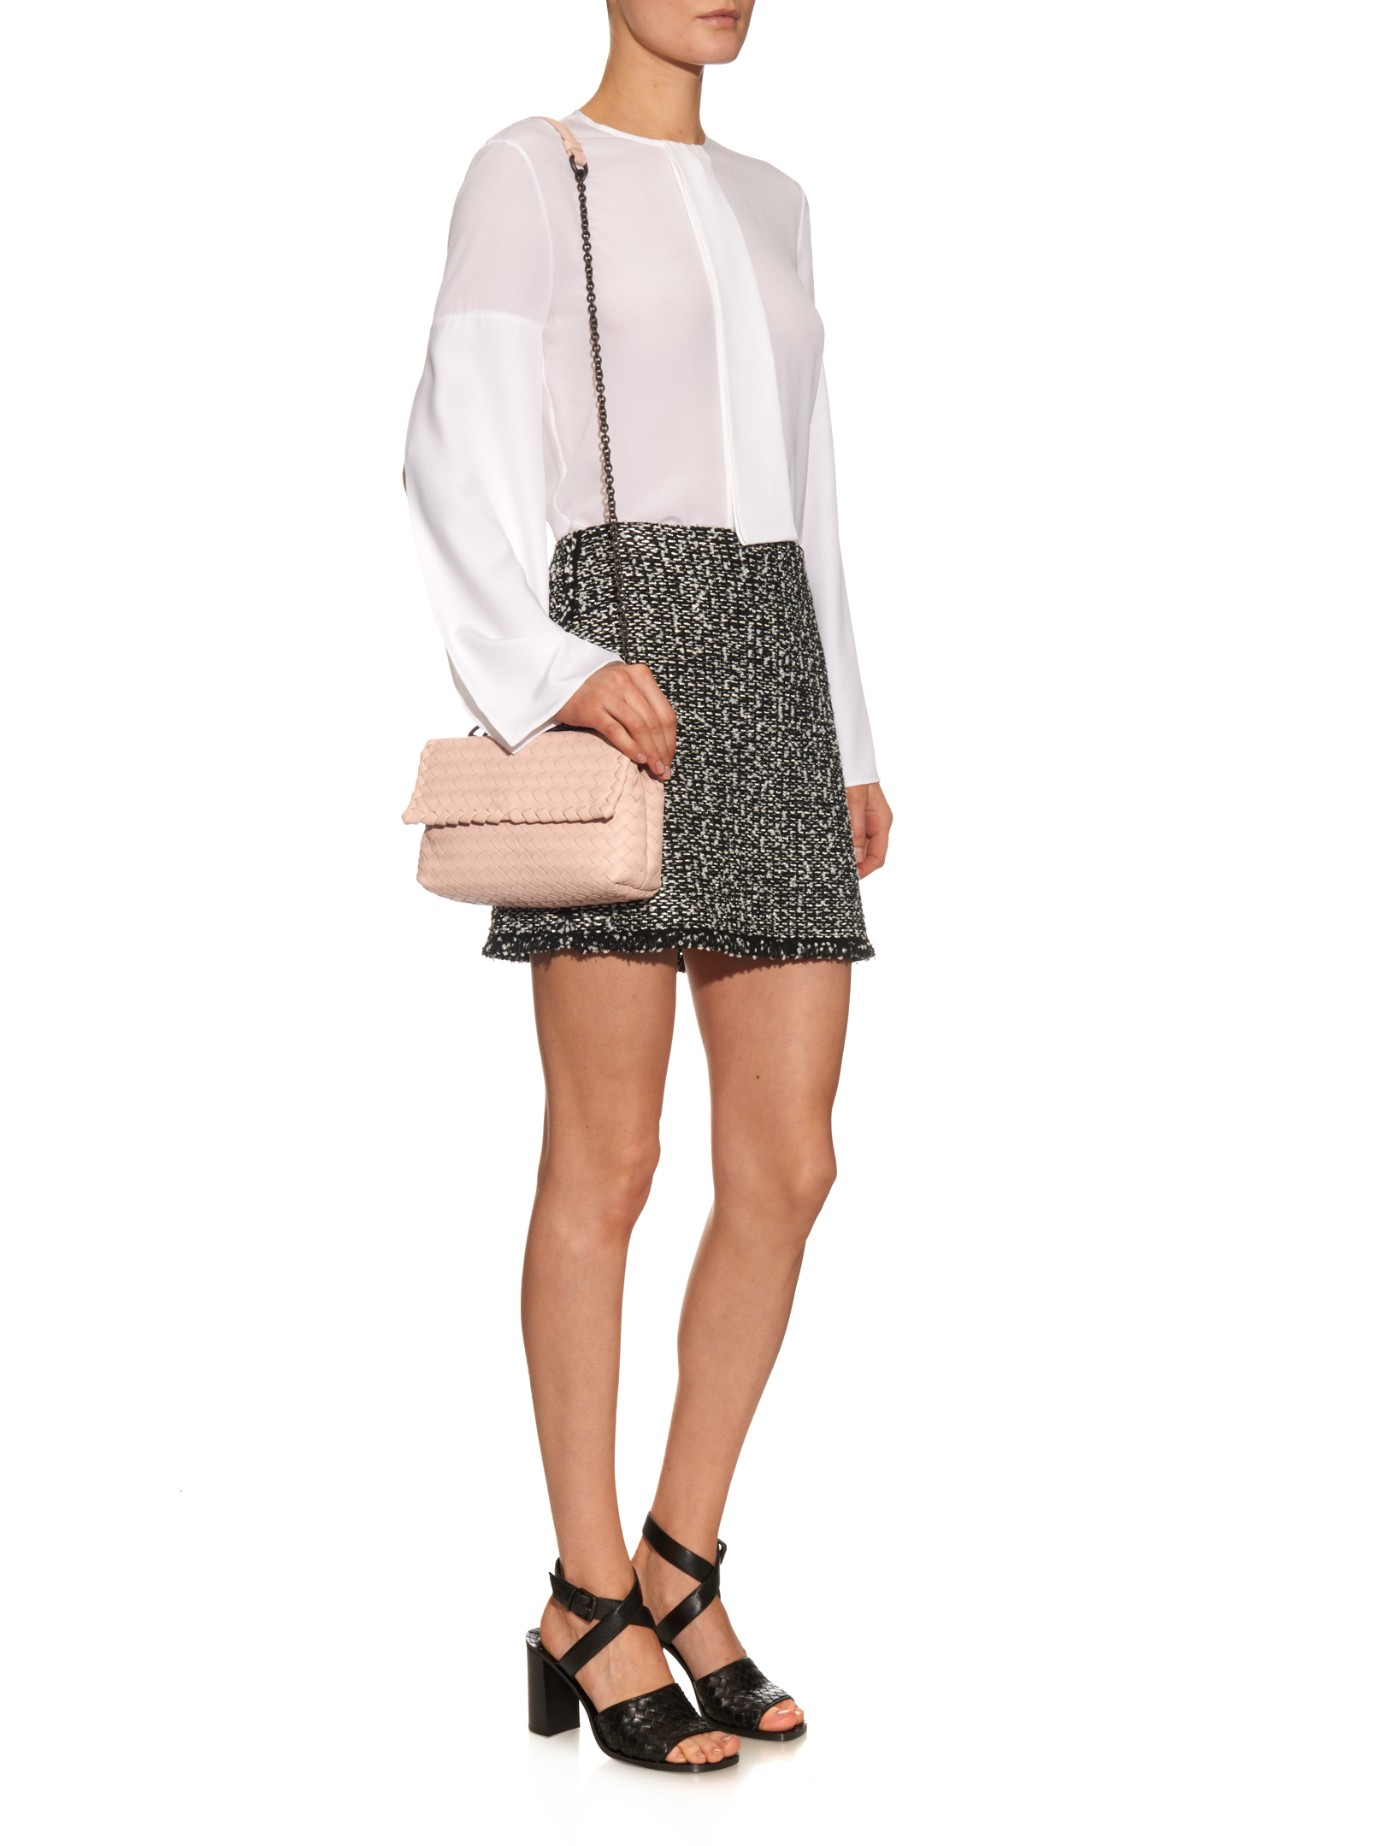 cd793009a1 Bottega Veneta Baby Olimpia Intrecciato Leather Shoulder Bag in Pink ...